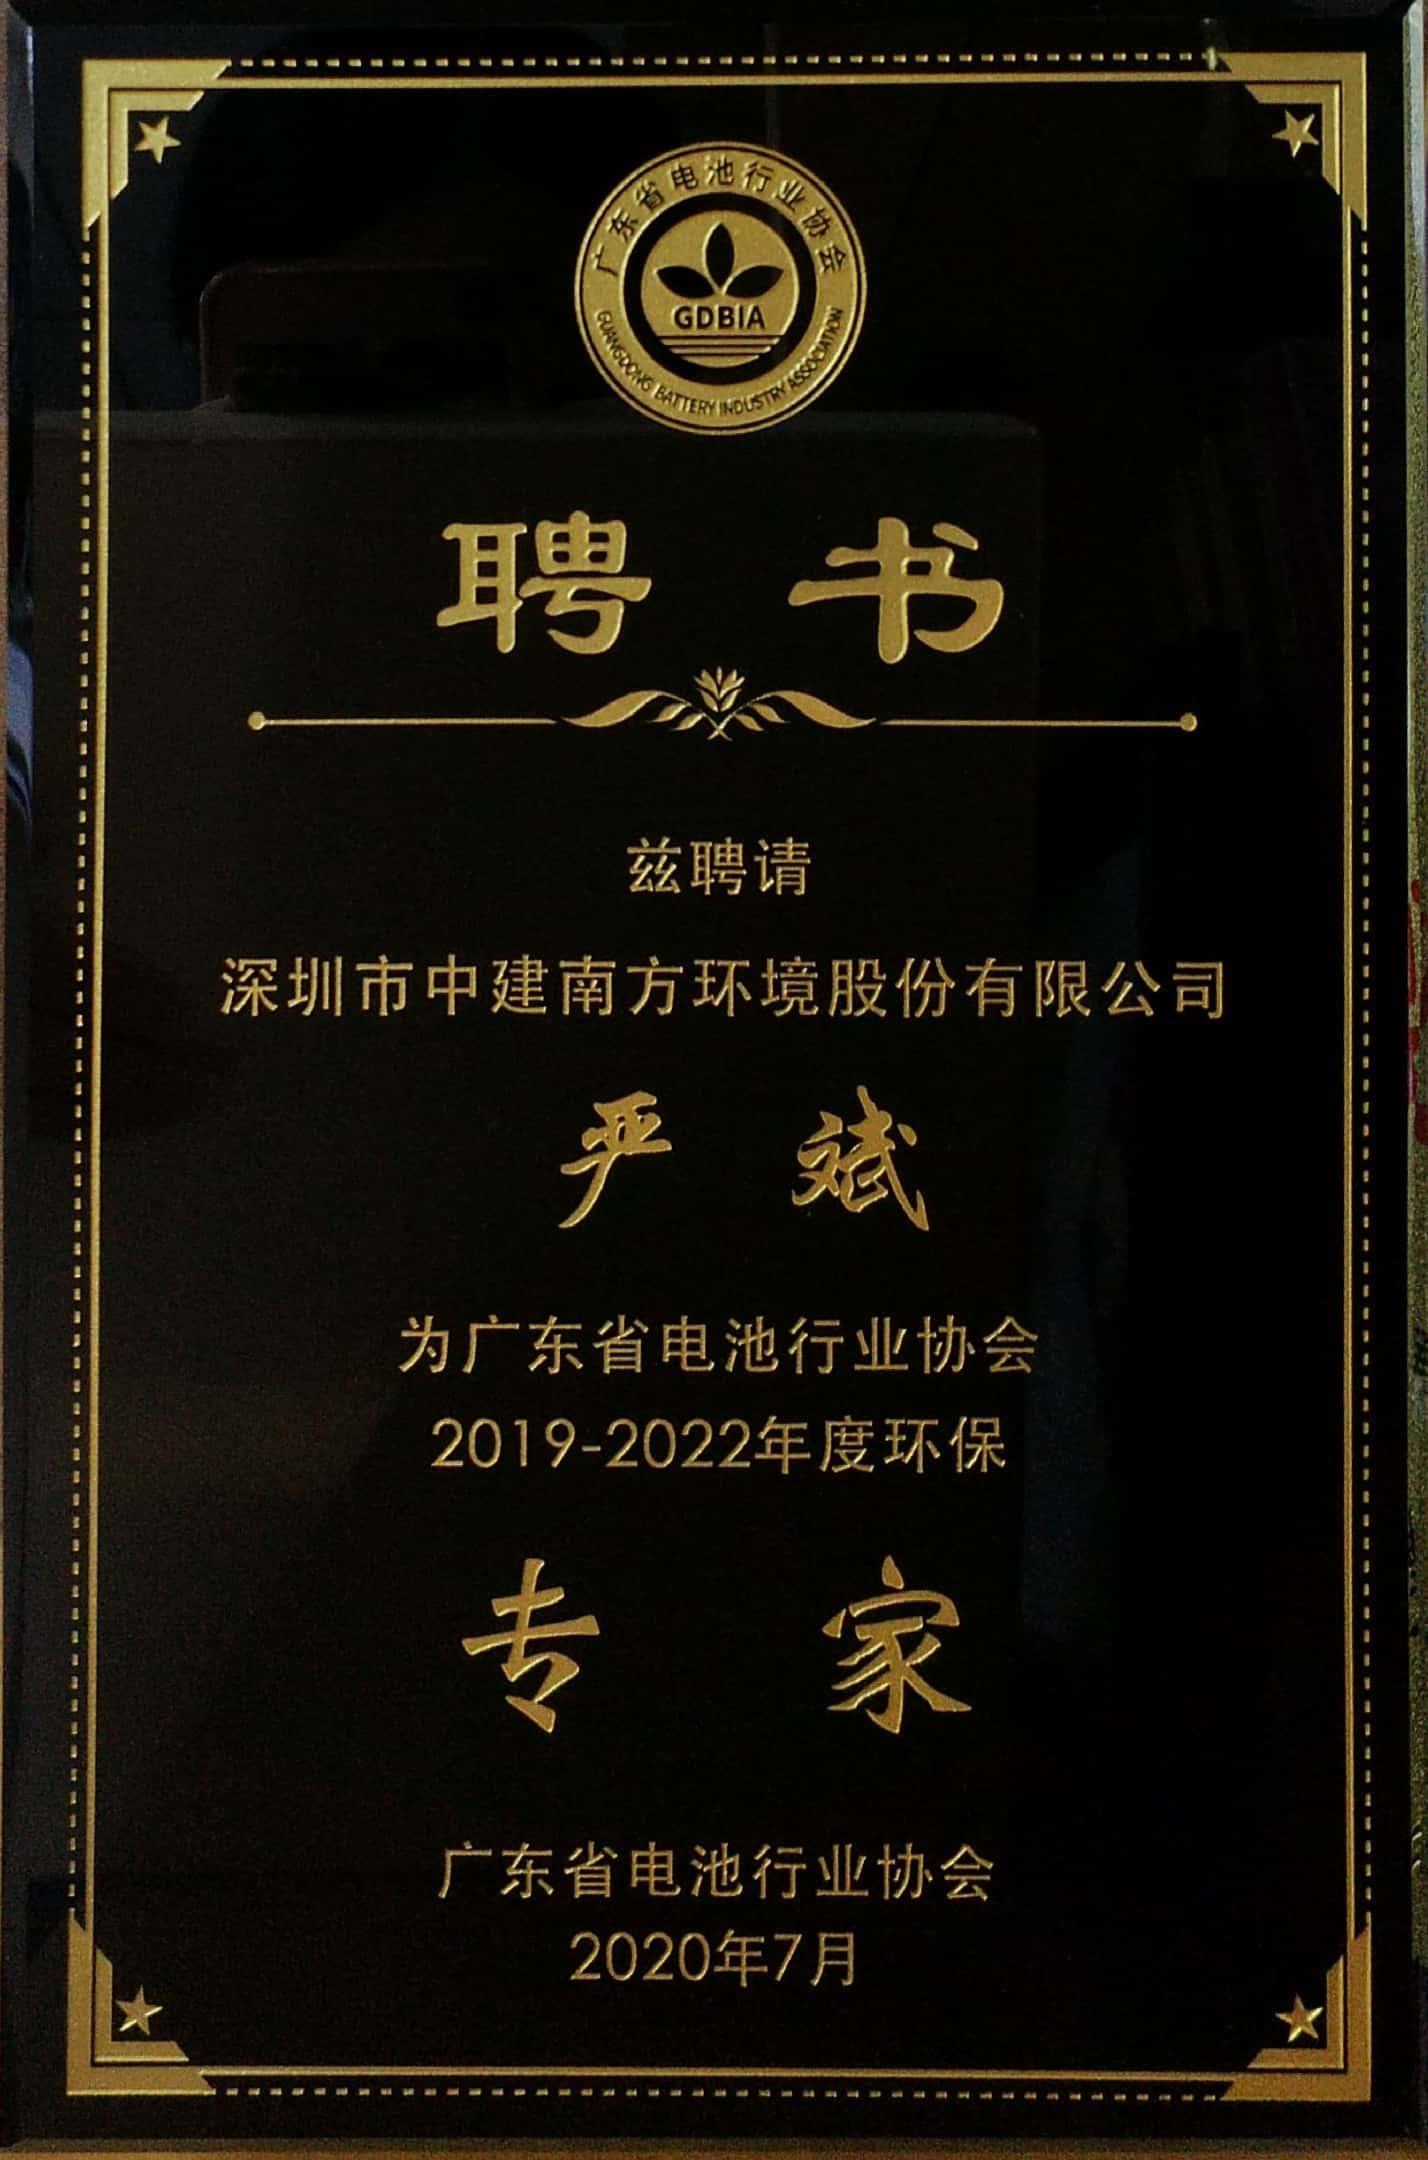 「喜訊」中建南方董事長嚴斌先生受聘廣東省電池行業協會2019-2022年度環保專家